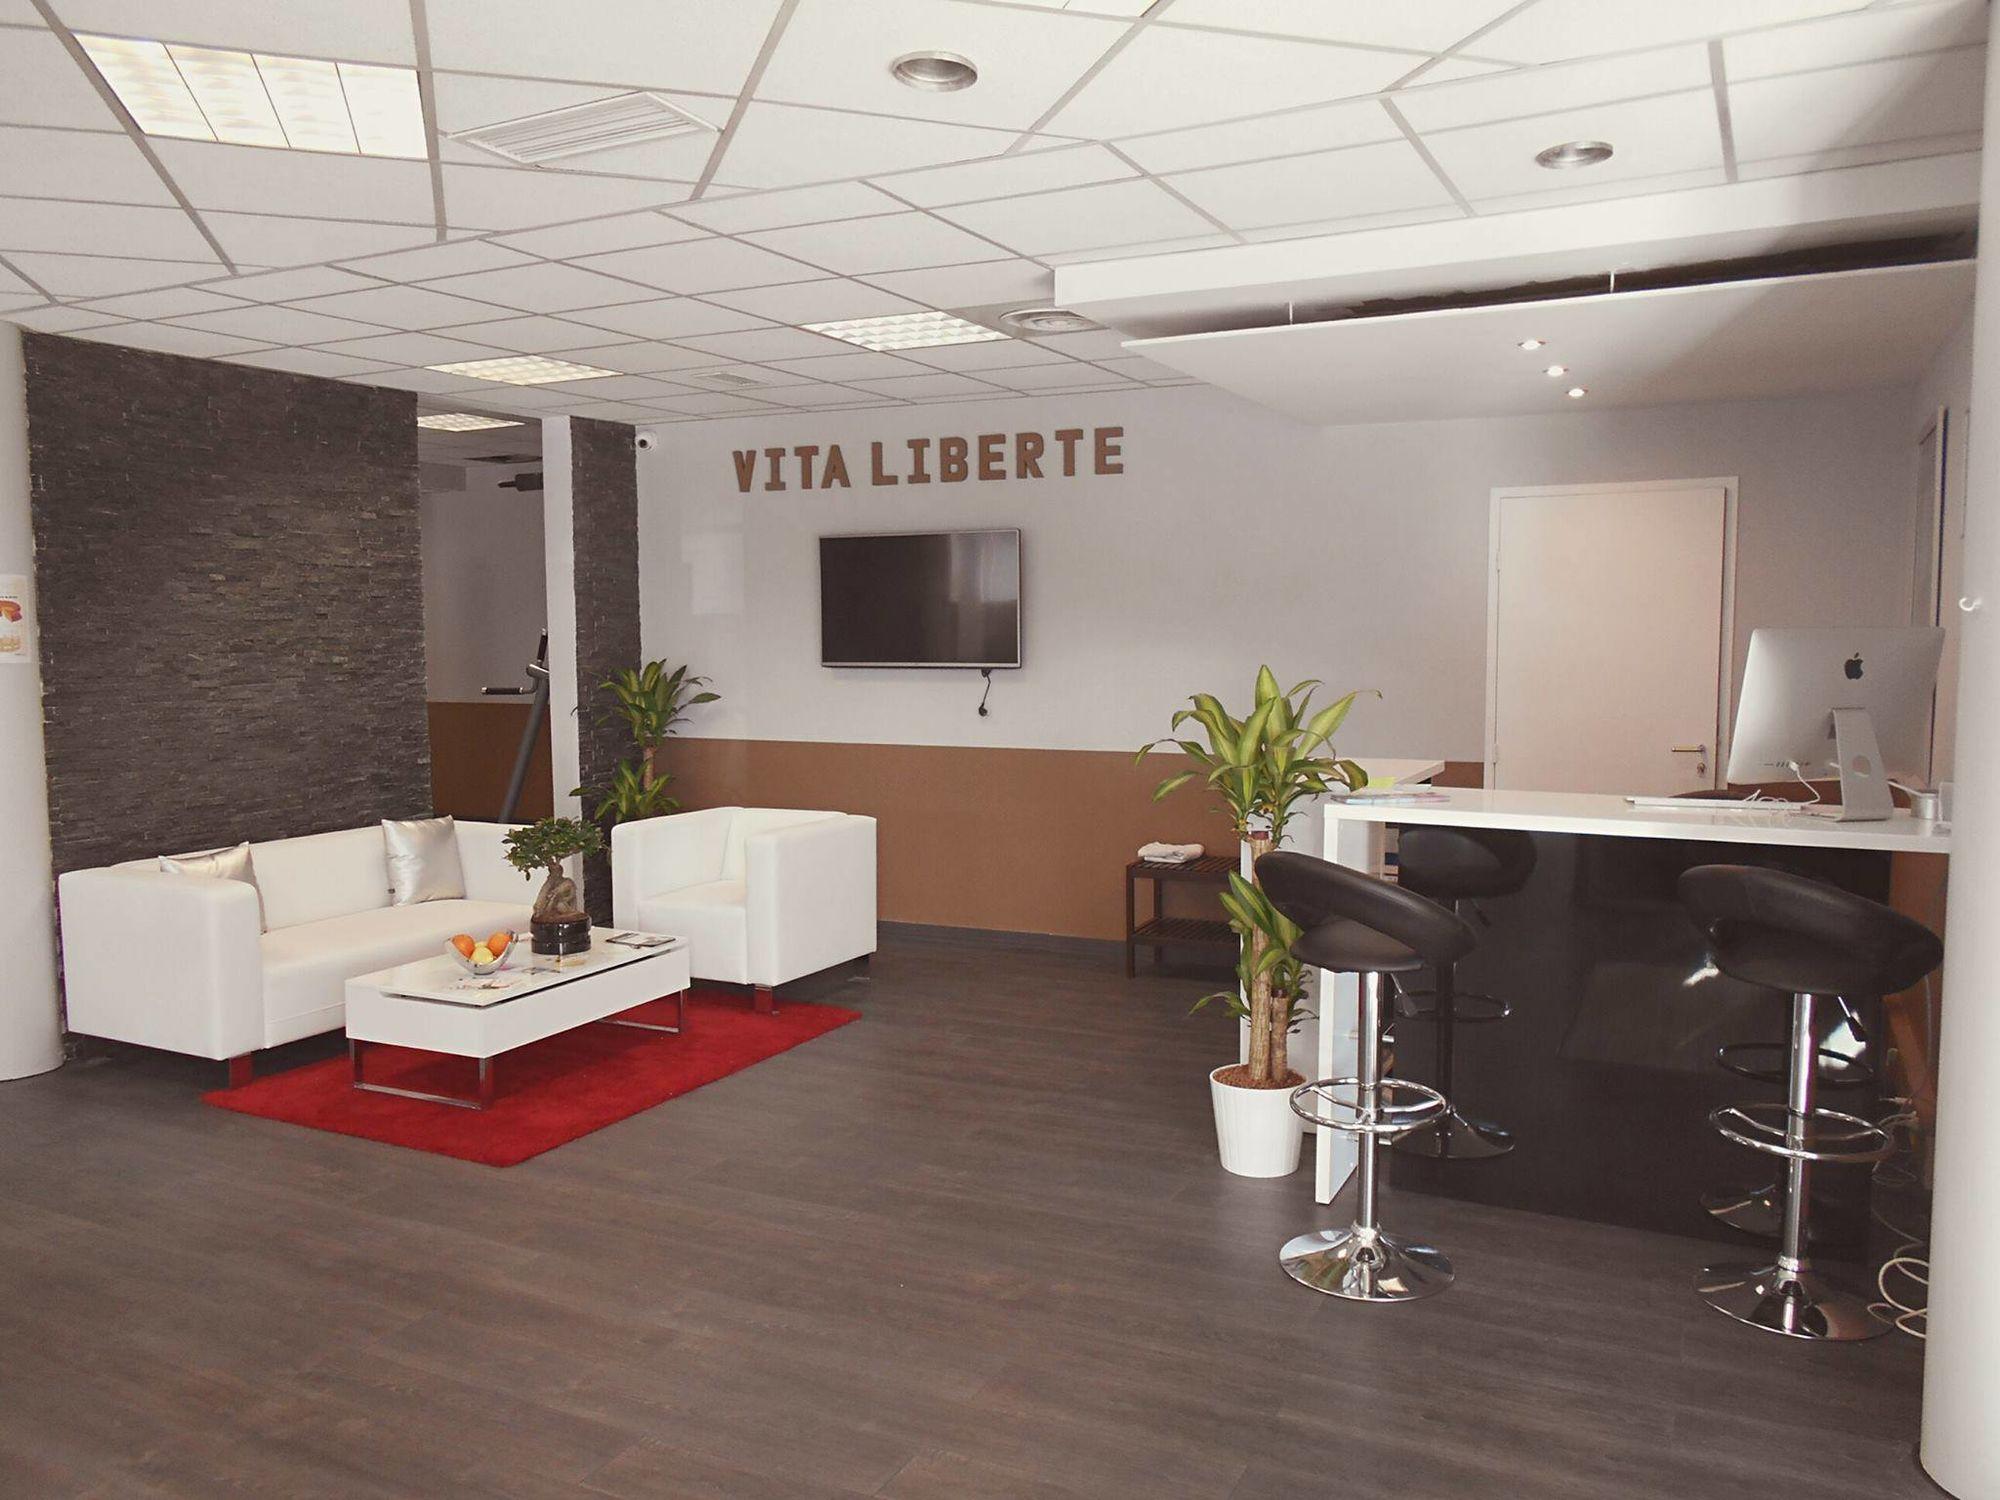 Vita Liberté Toulouse Purpan, espace détente.